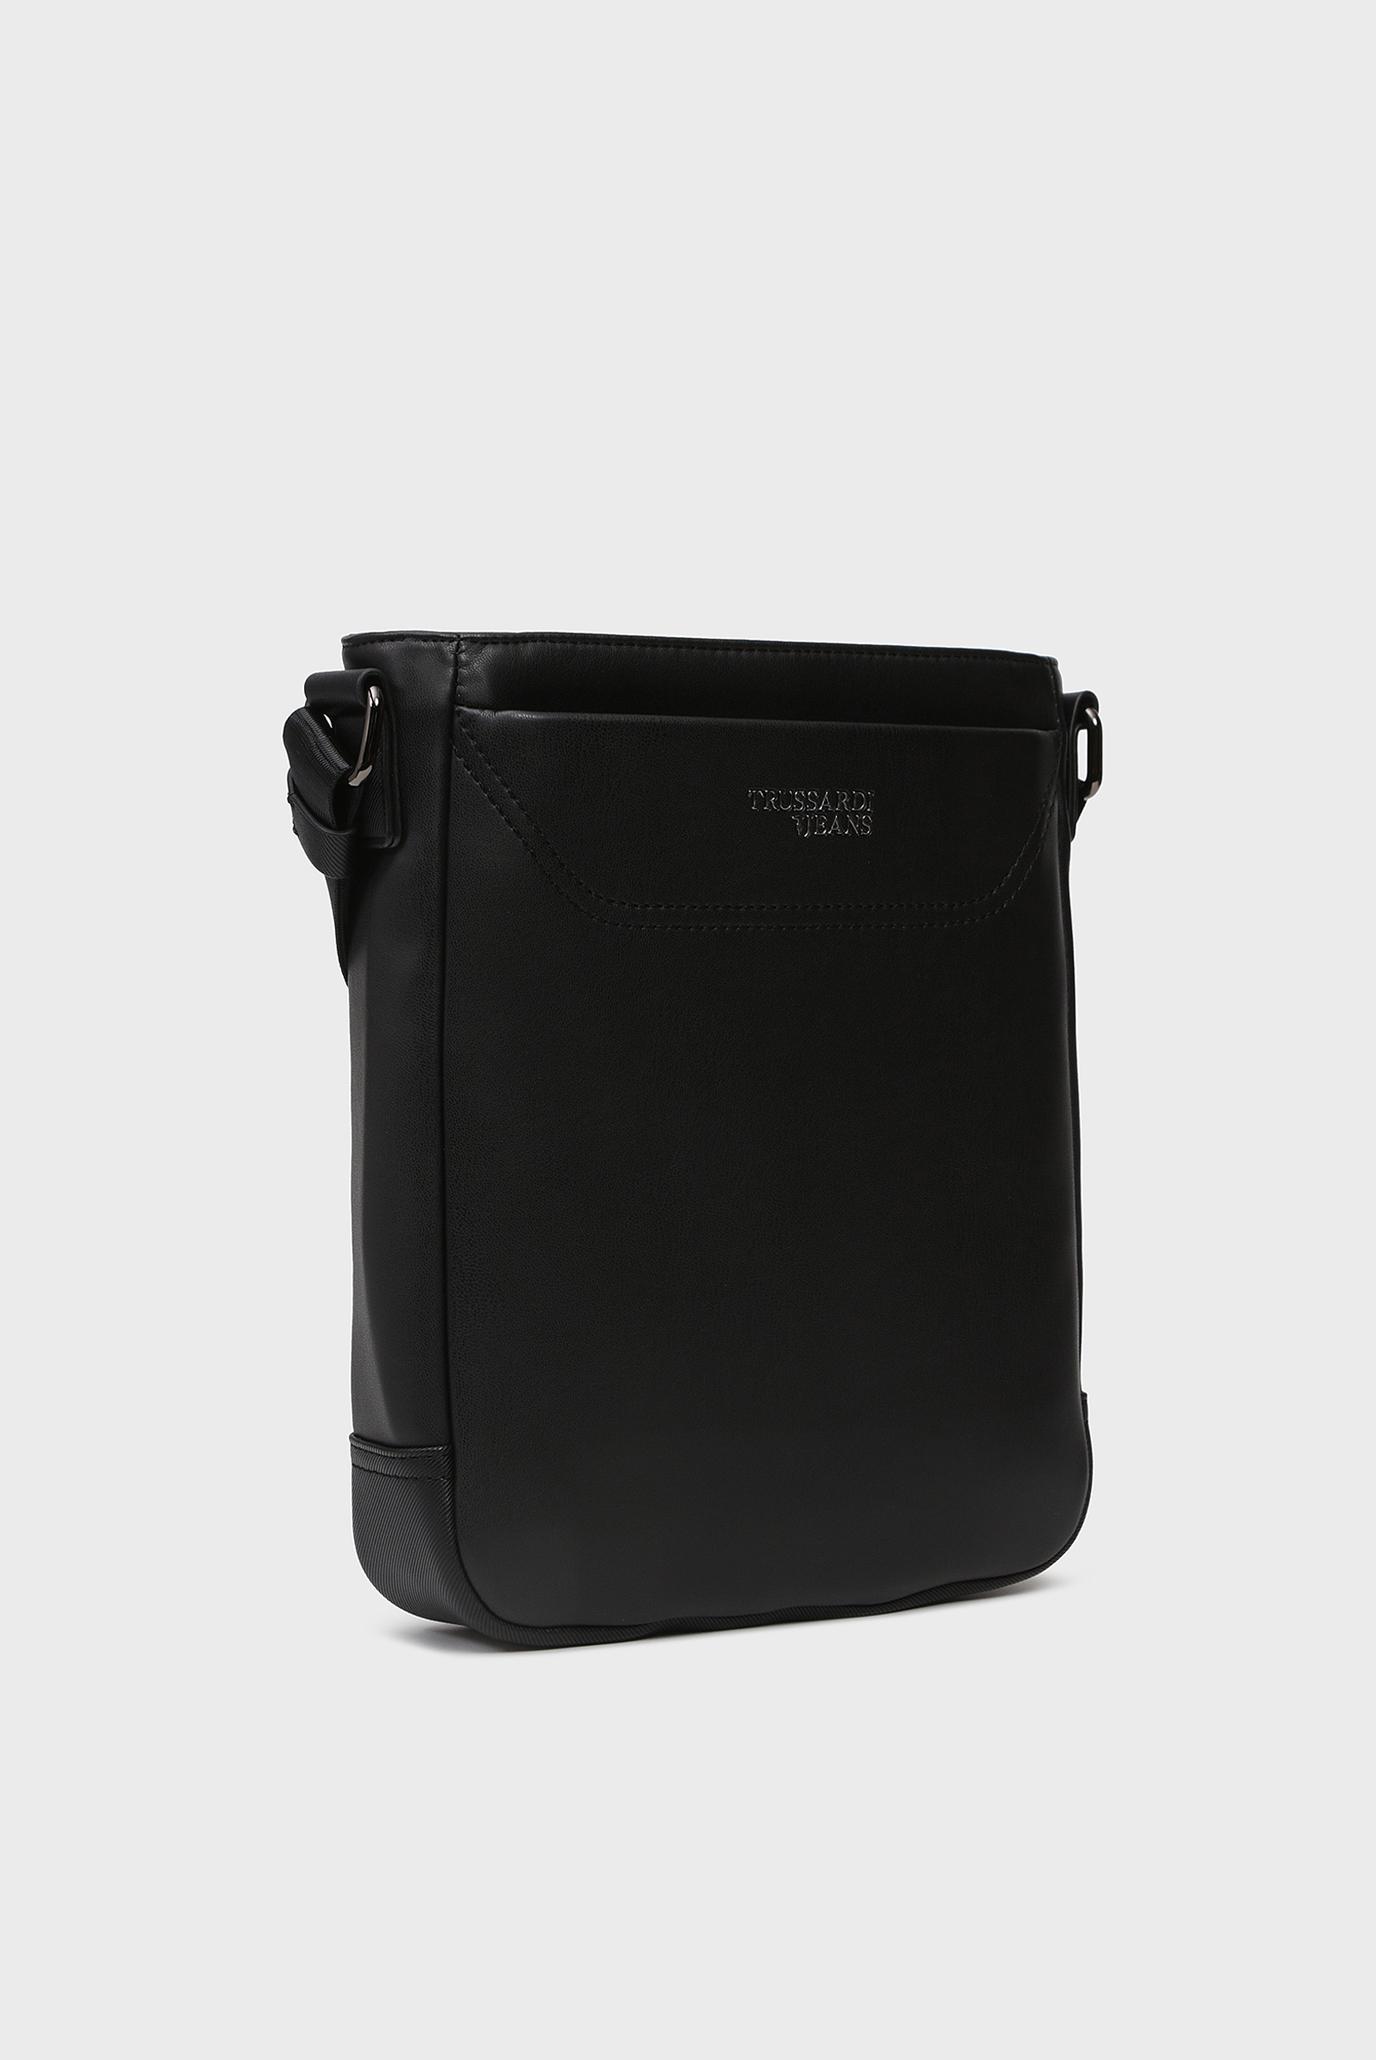 Купить Мужская черная сумка через плечо BUSINESS CITY REPORTER Trussardi Jeans Trussardi Jeans 9Y099995/71B00115 – Киев, Украина. Цены в интернет магазине MD Fashion